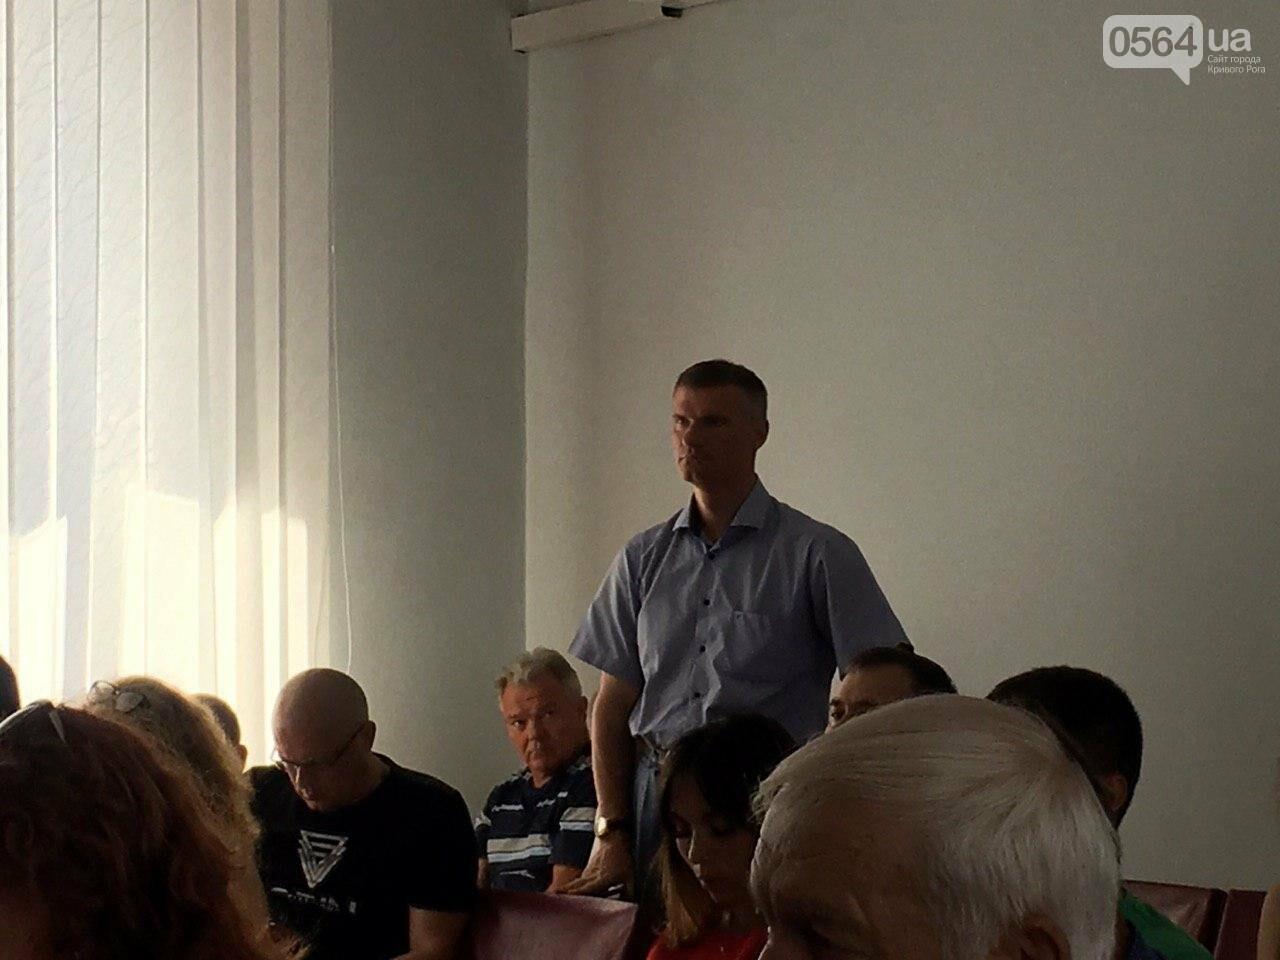 Криворожское КП пытается подготовится к отопительному сезону, несмотря на долг в полмиллиарда, - ФОТО , фото-64